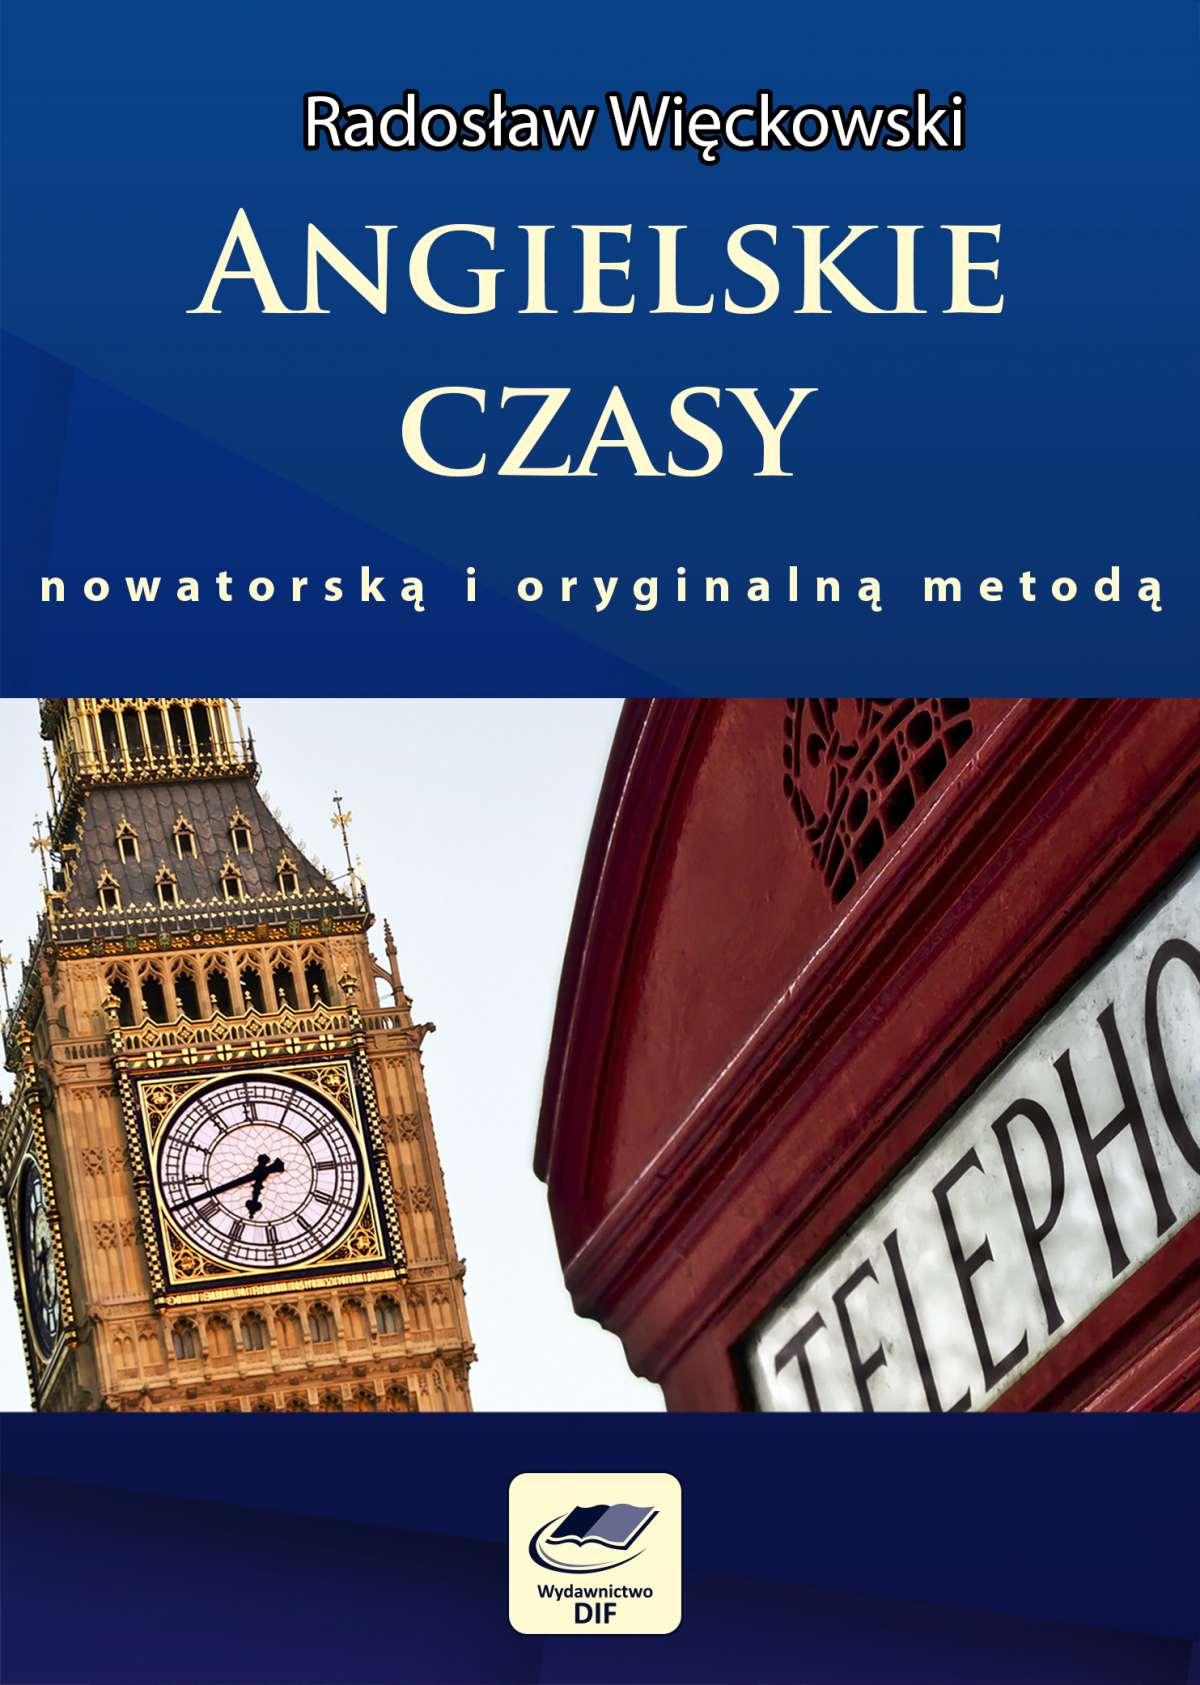 Angielskie czasy nowatorską i oryginalną metodą - Ebook (Książka PDF) do pobrania w formacie PDF